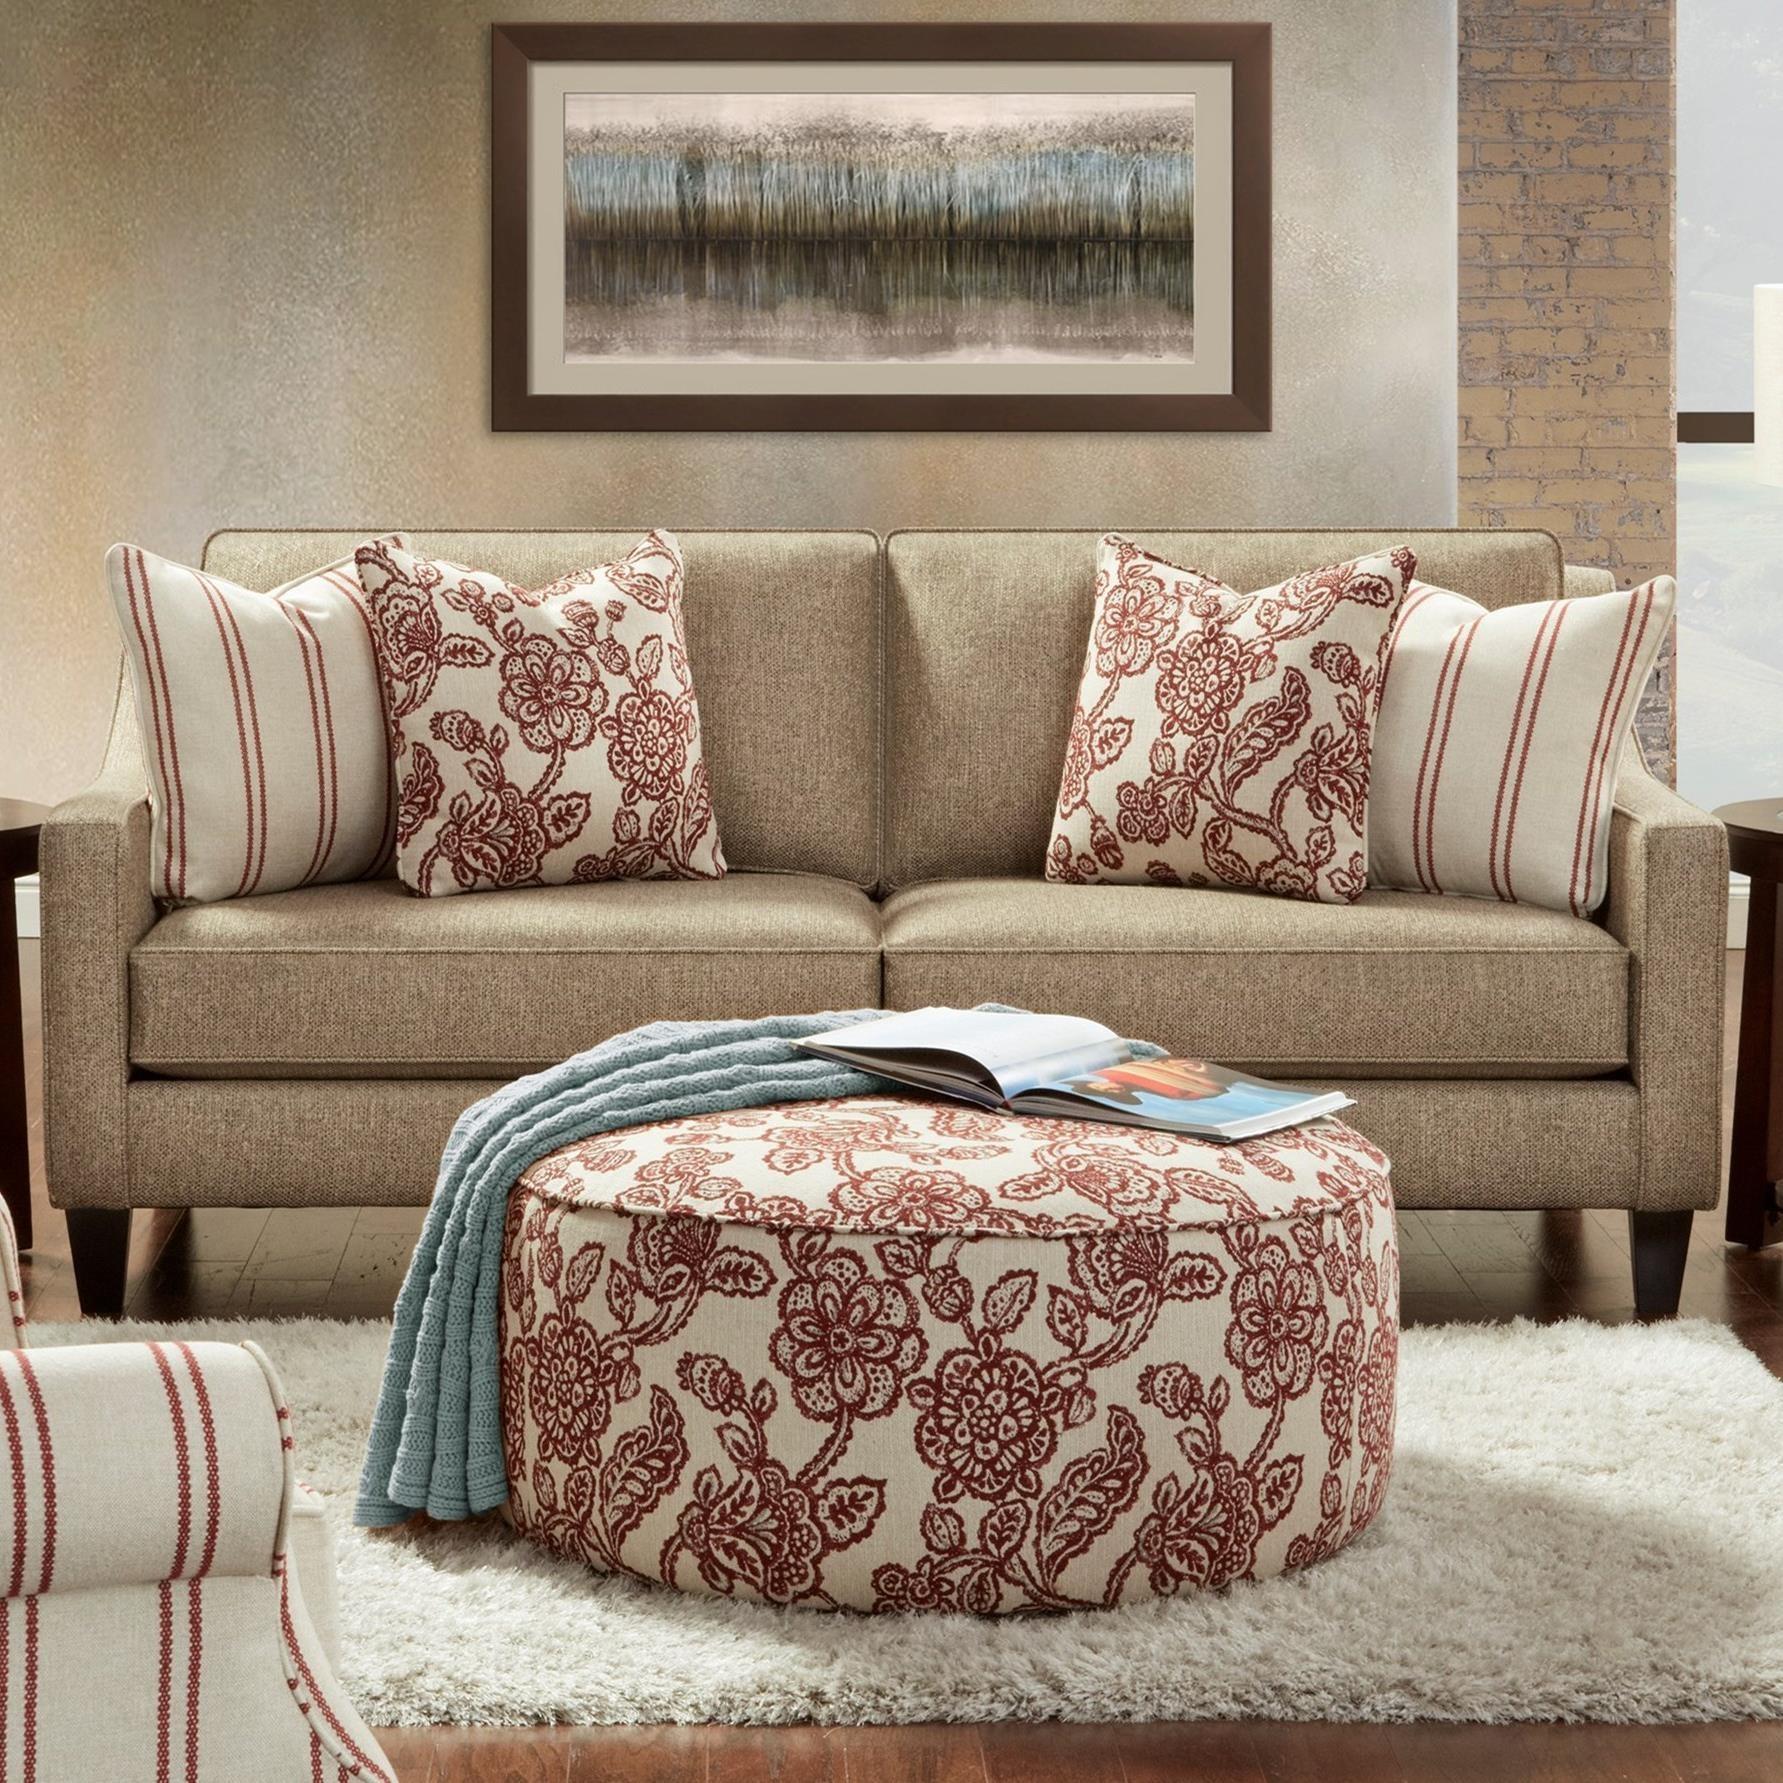 VFM Signature 3350 Sofa - Item Number: 3350-00Willpower Cafe